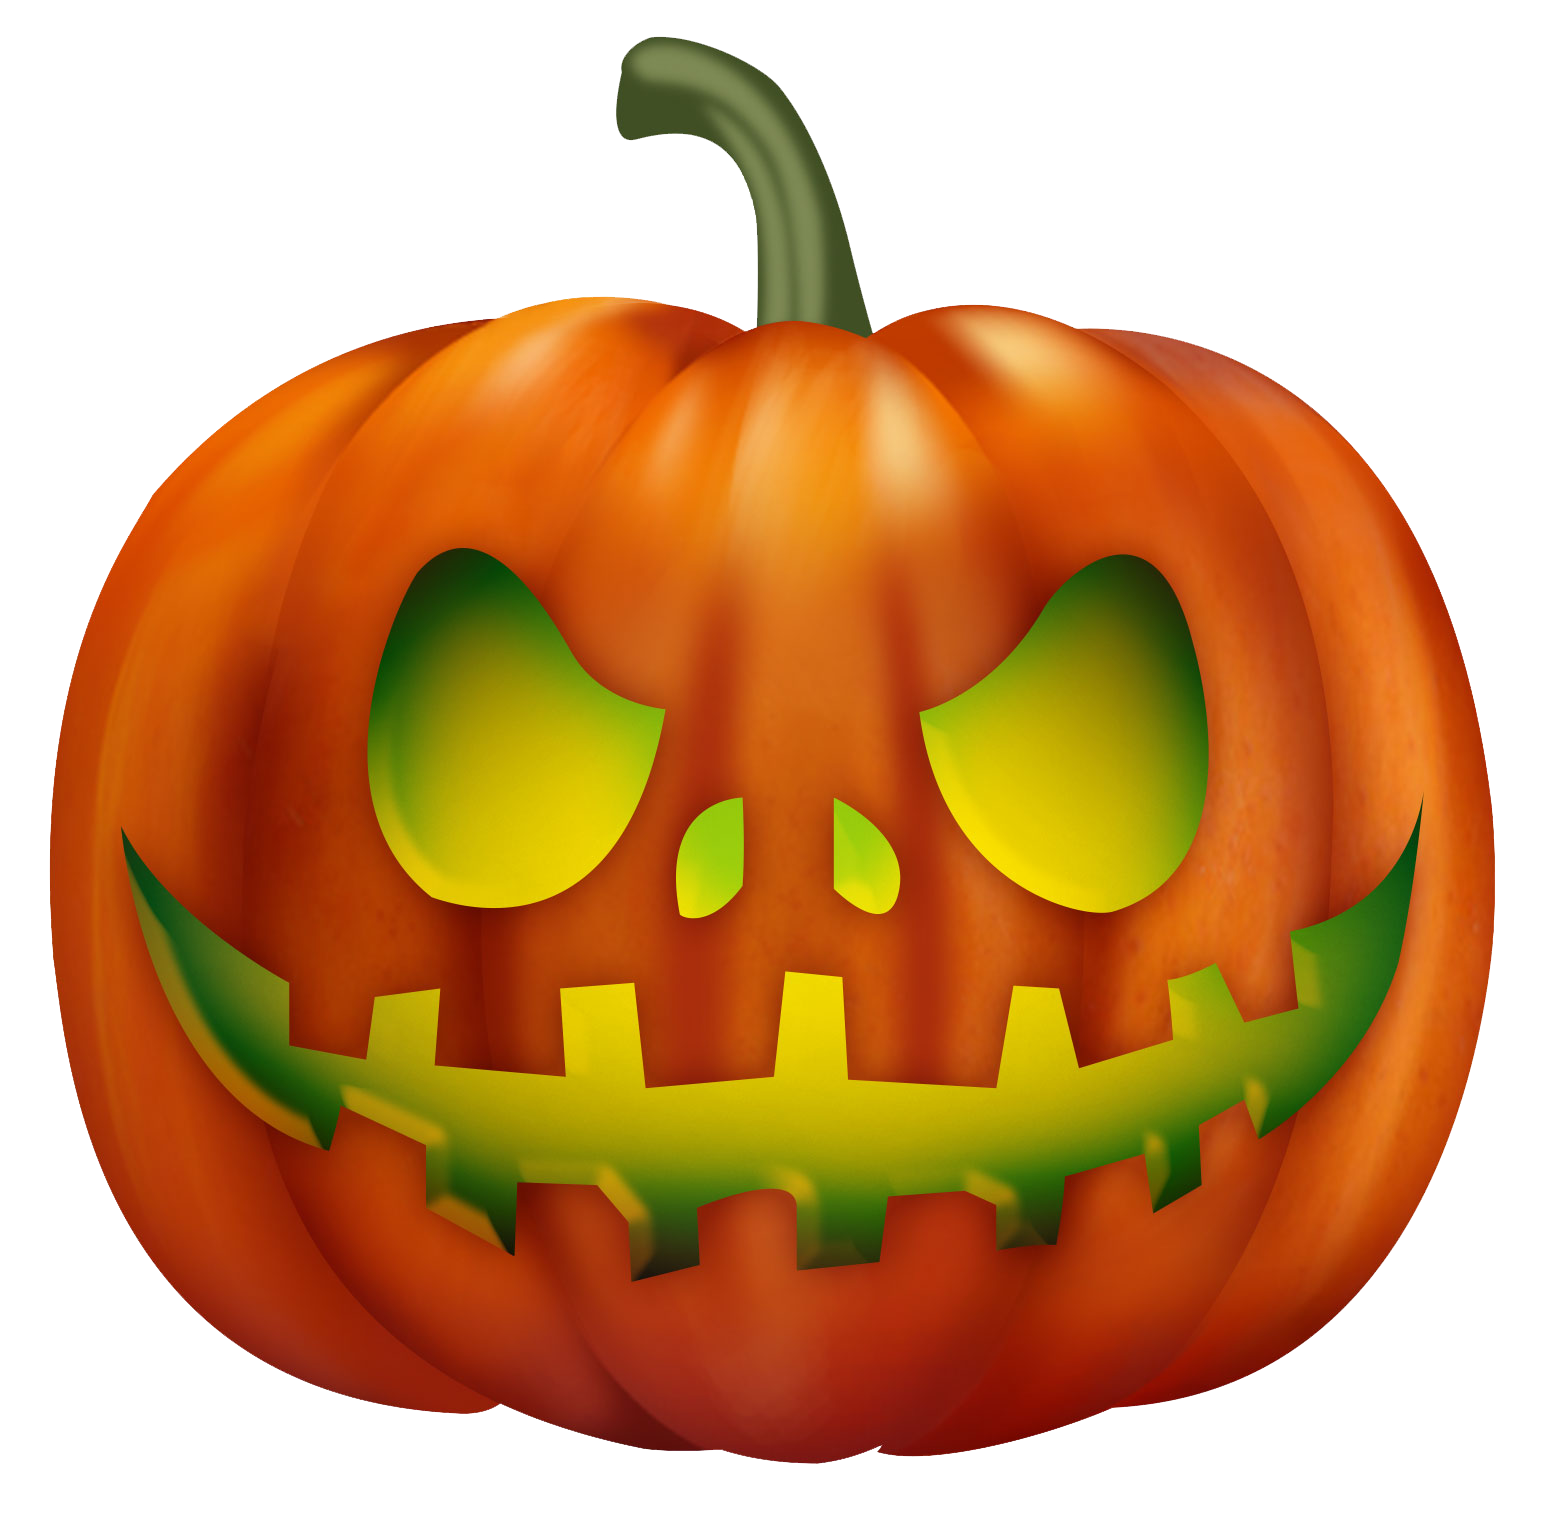 Pumpkin clipart squash.  free download png